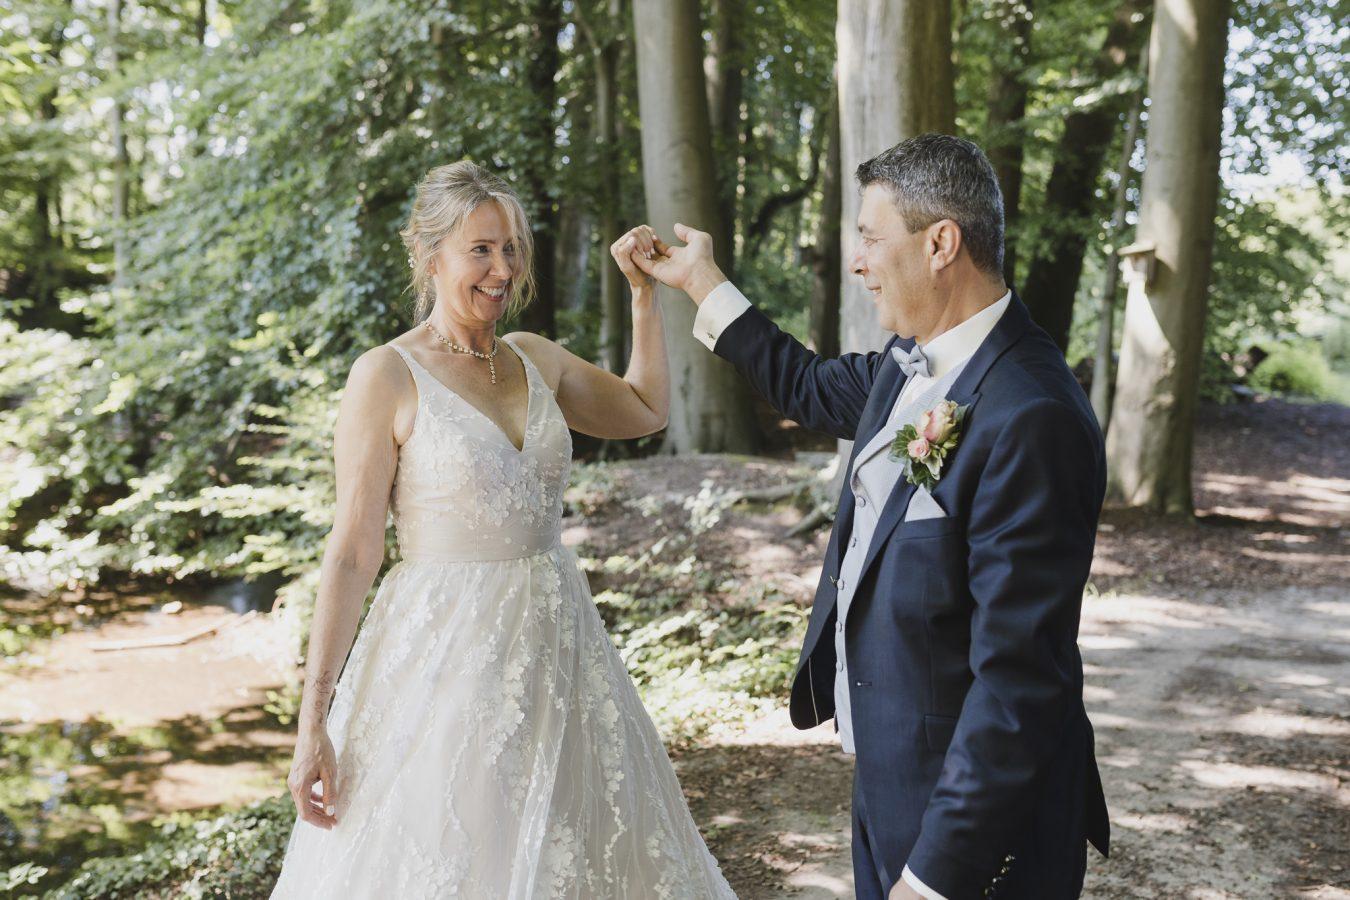 Hochzeitsfotograf Seevetal - das Brautpaar übt ein kleines Tänzchen